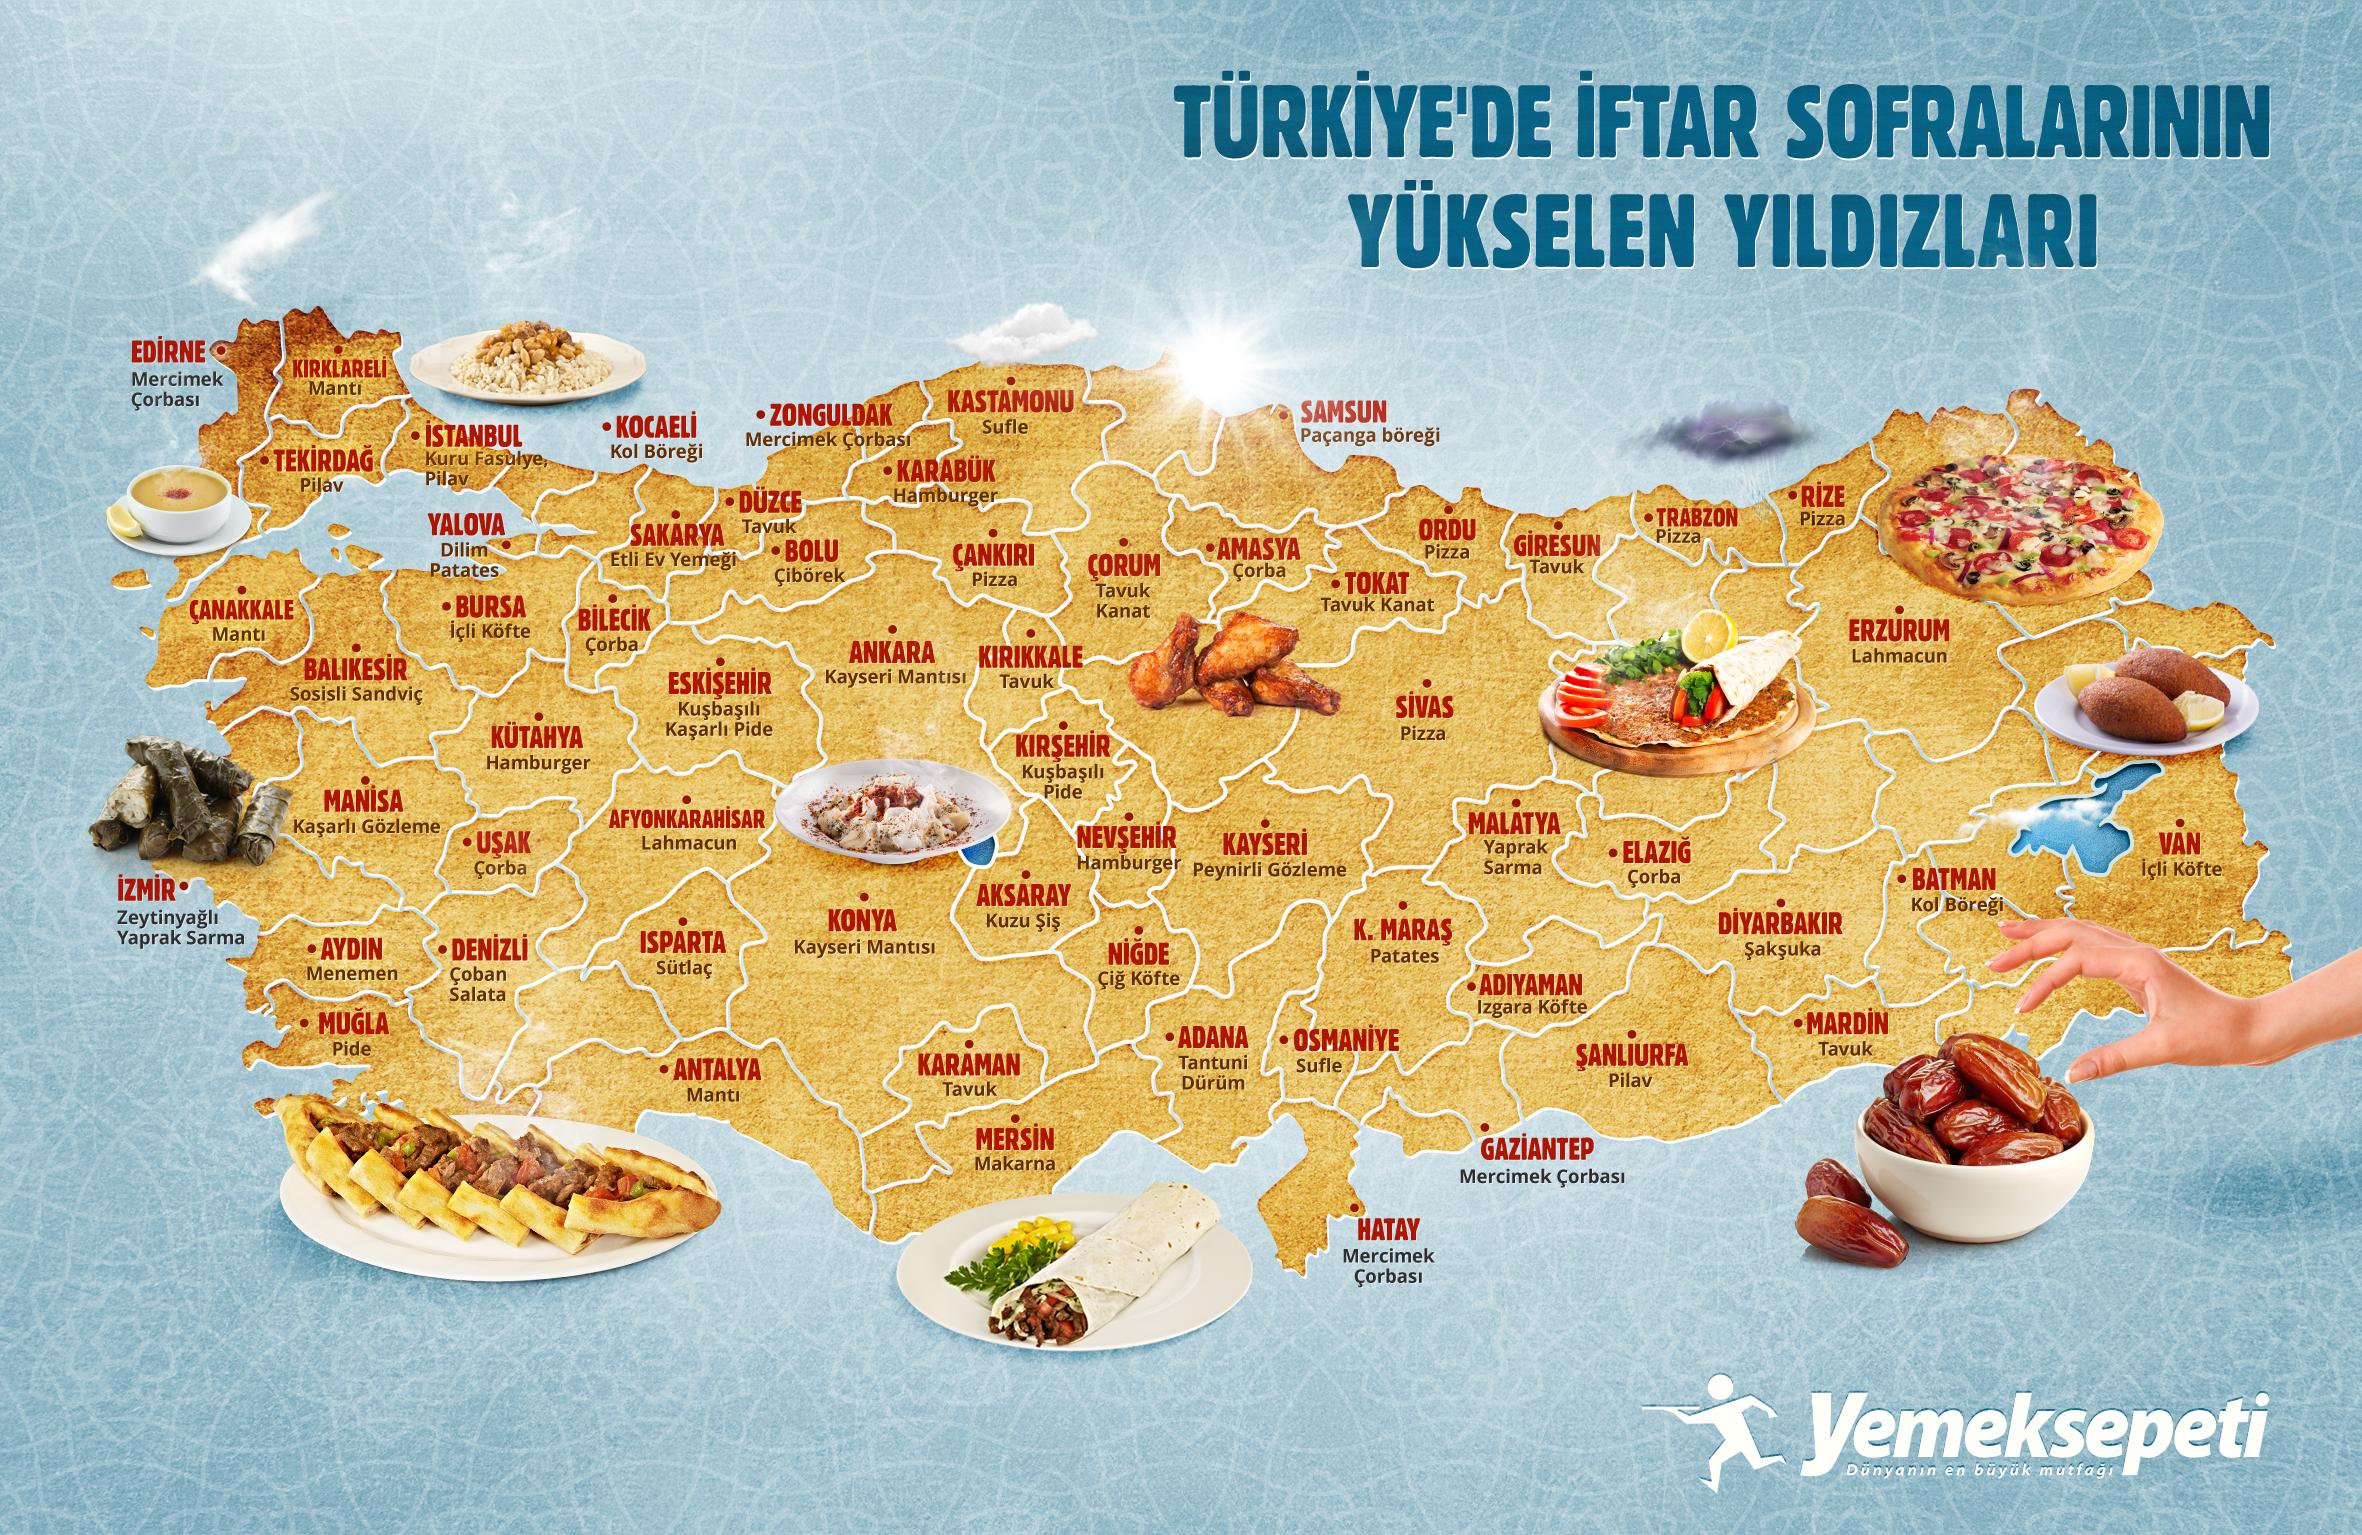 Yemeksepeti iftar haritası